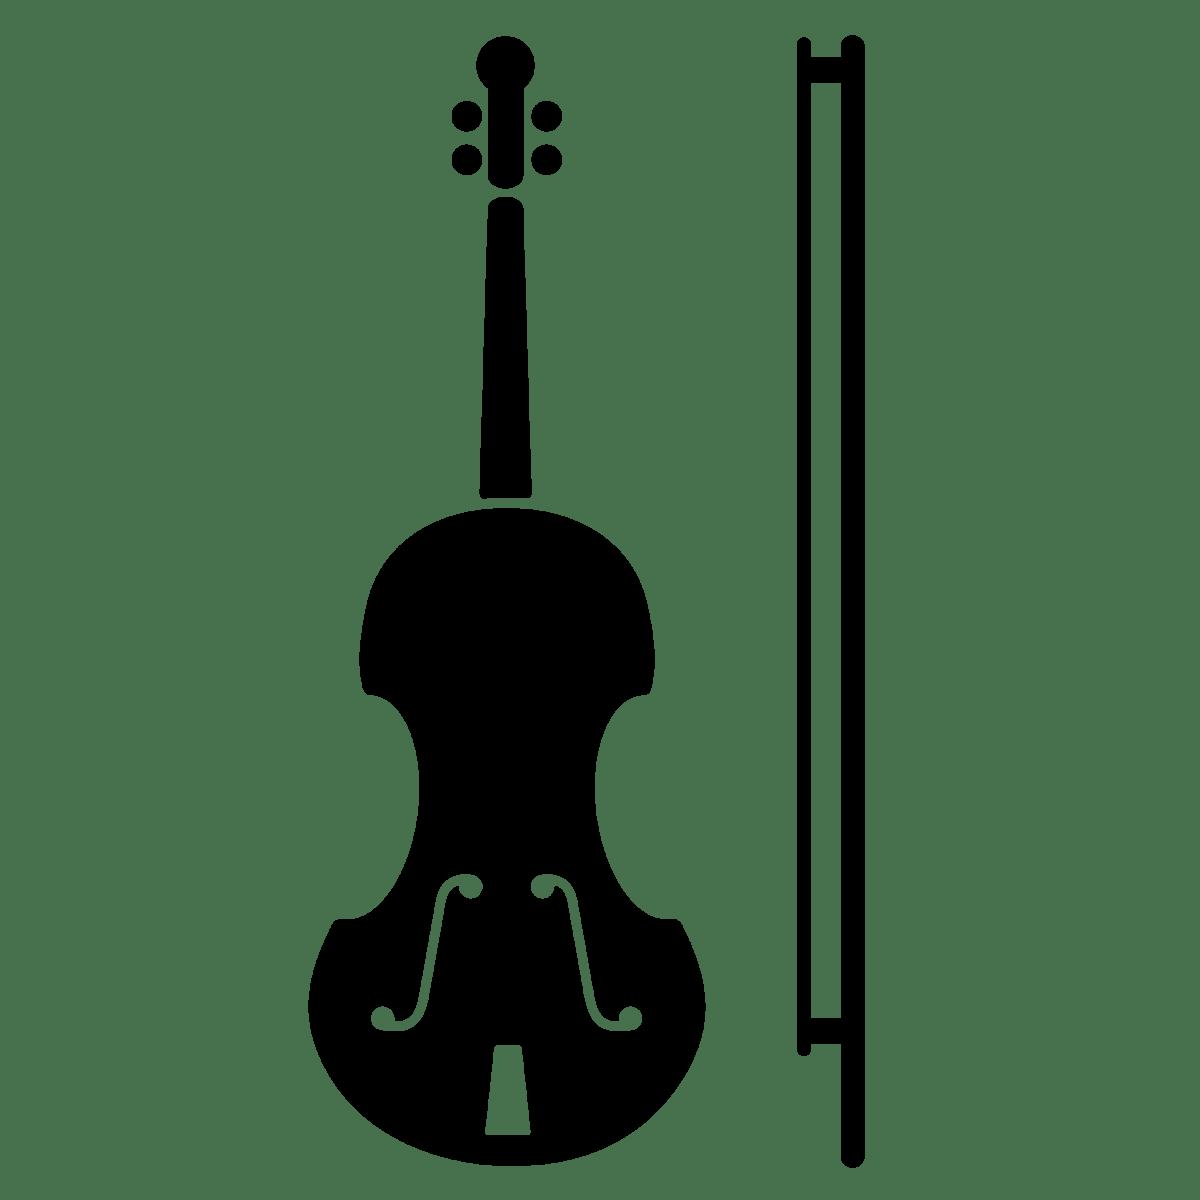 violin clipart wiring diagram database. Black Bedroom Furniture Sets. Home Design Ideas